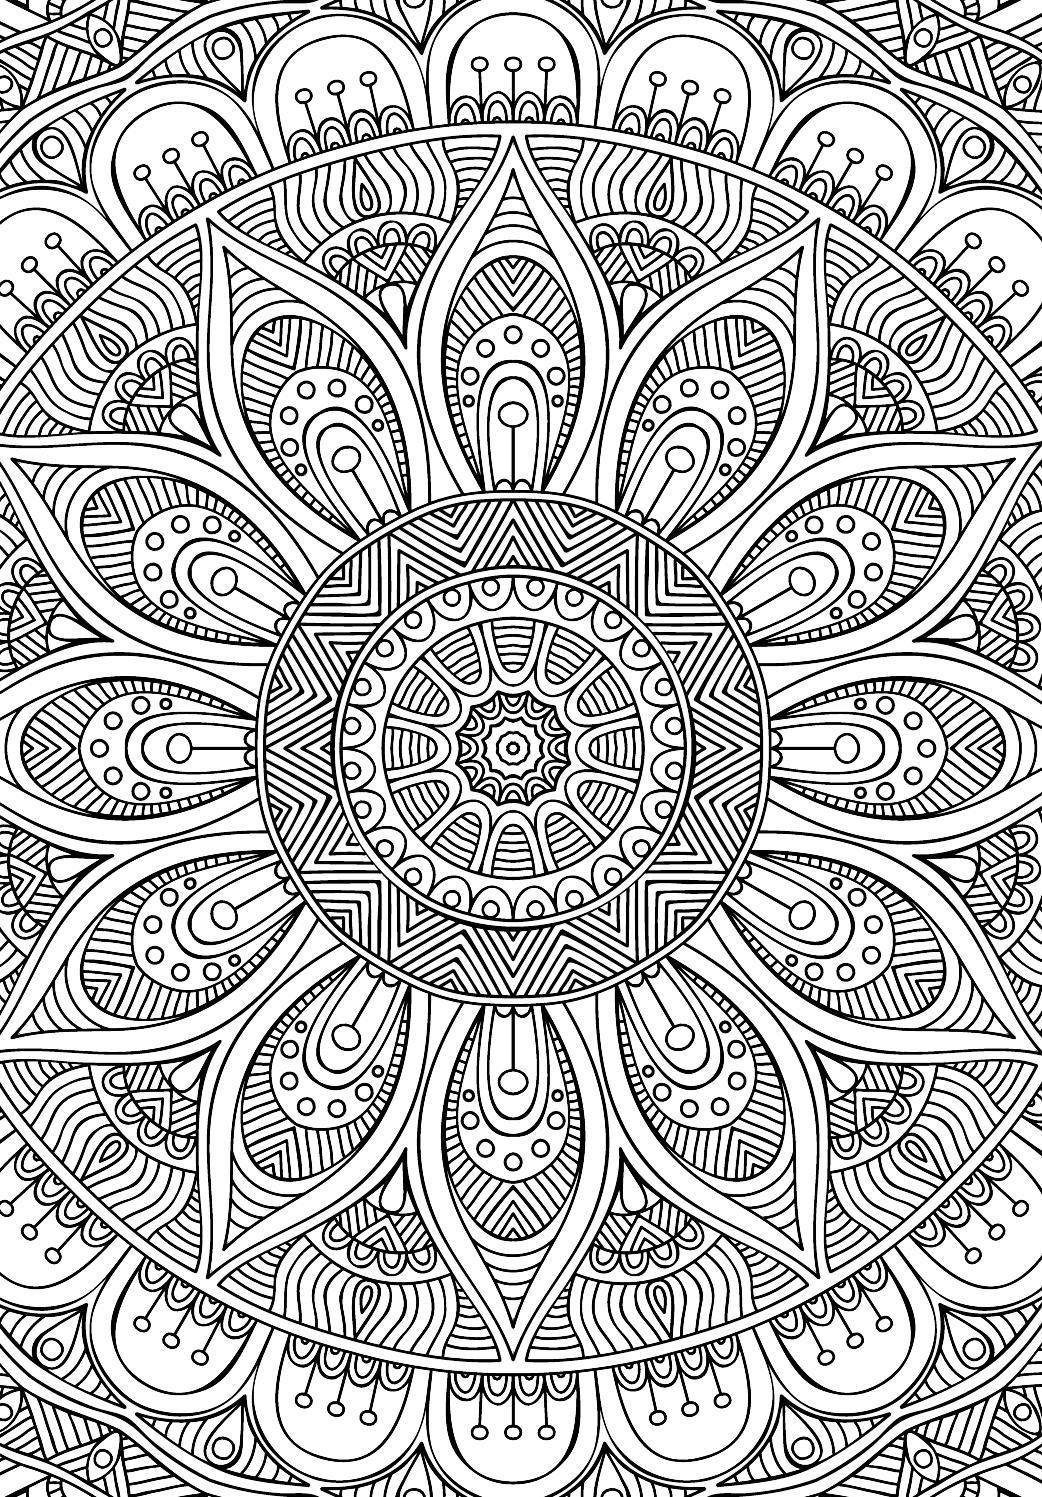 Didzioji mandalu knyga | Mandalas, Colorear y Mandala para colorear